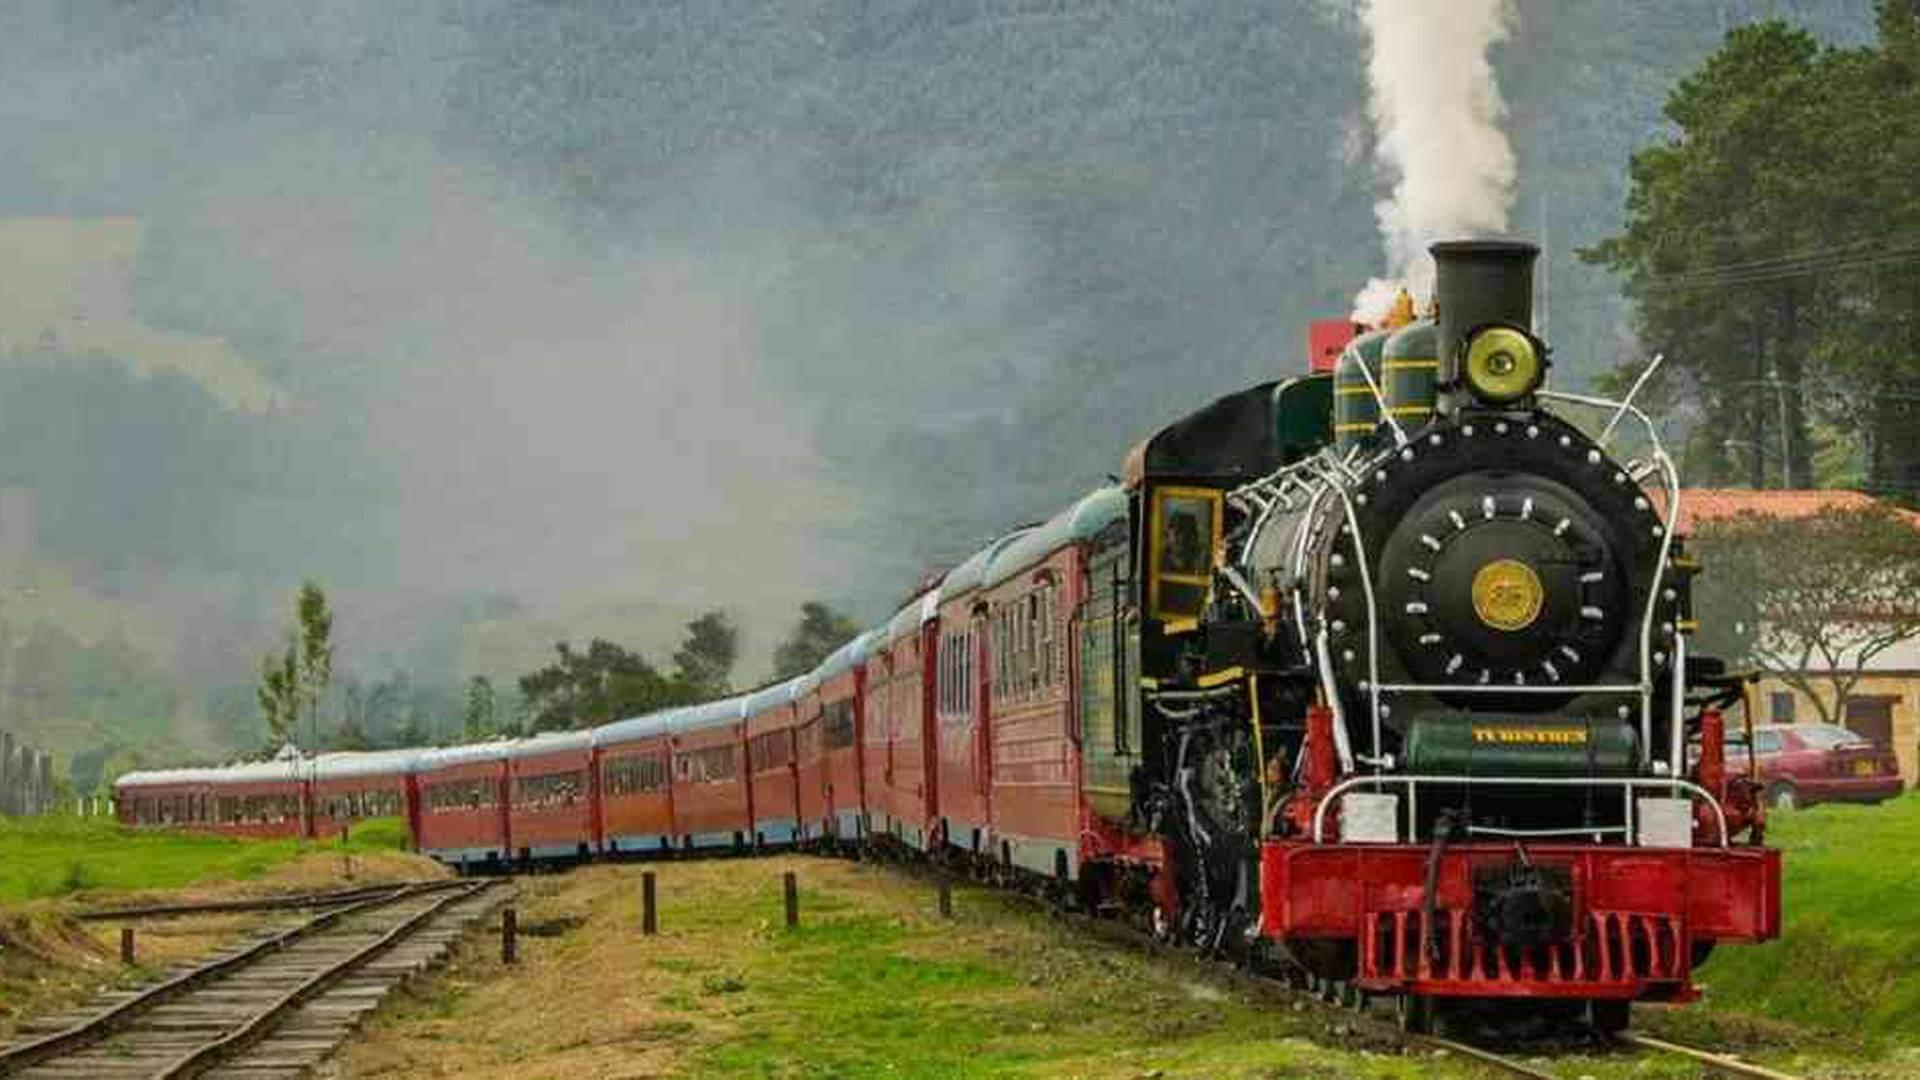 Tren de la Sabana before reaching Zipaquira